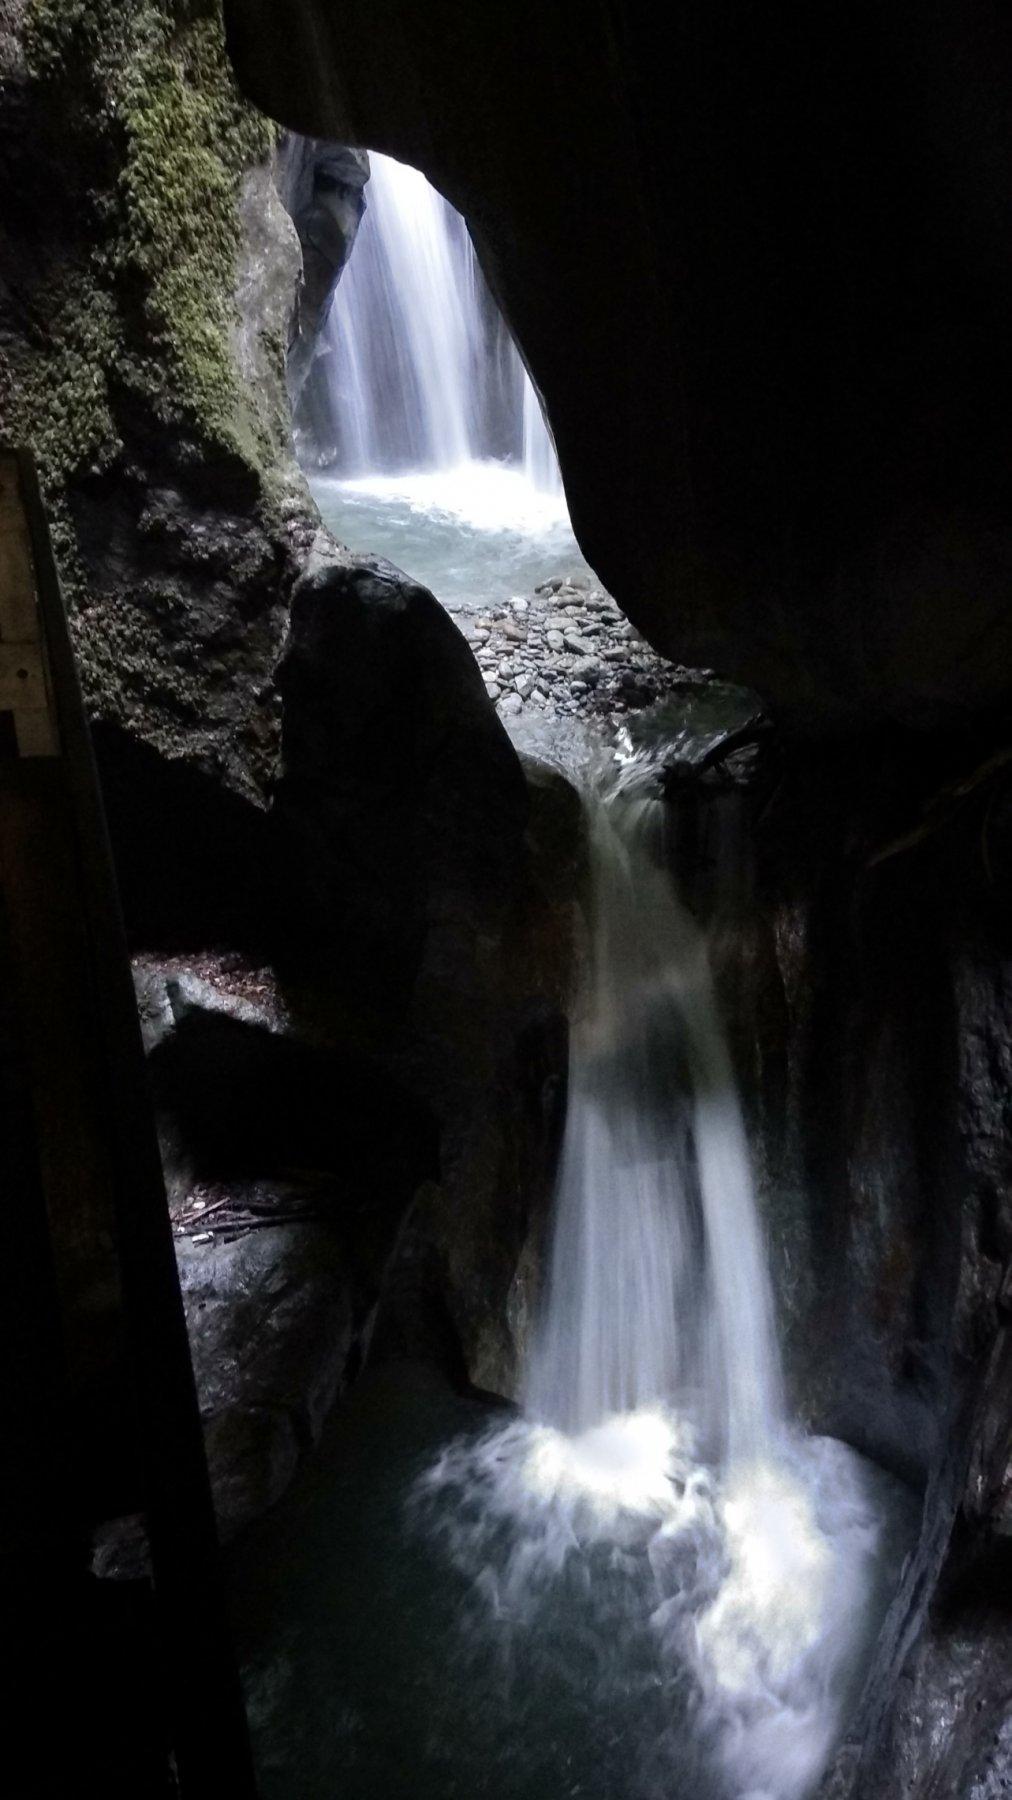 al di sotto dei macigni sono visibili le due cascatelle e la pozza d'acqua